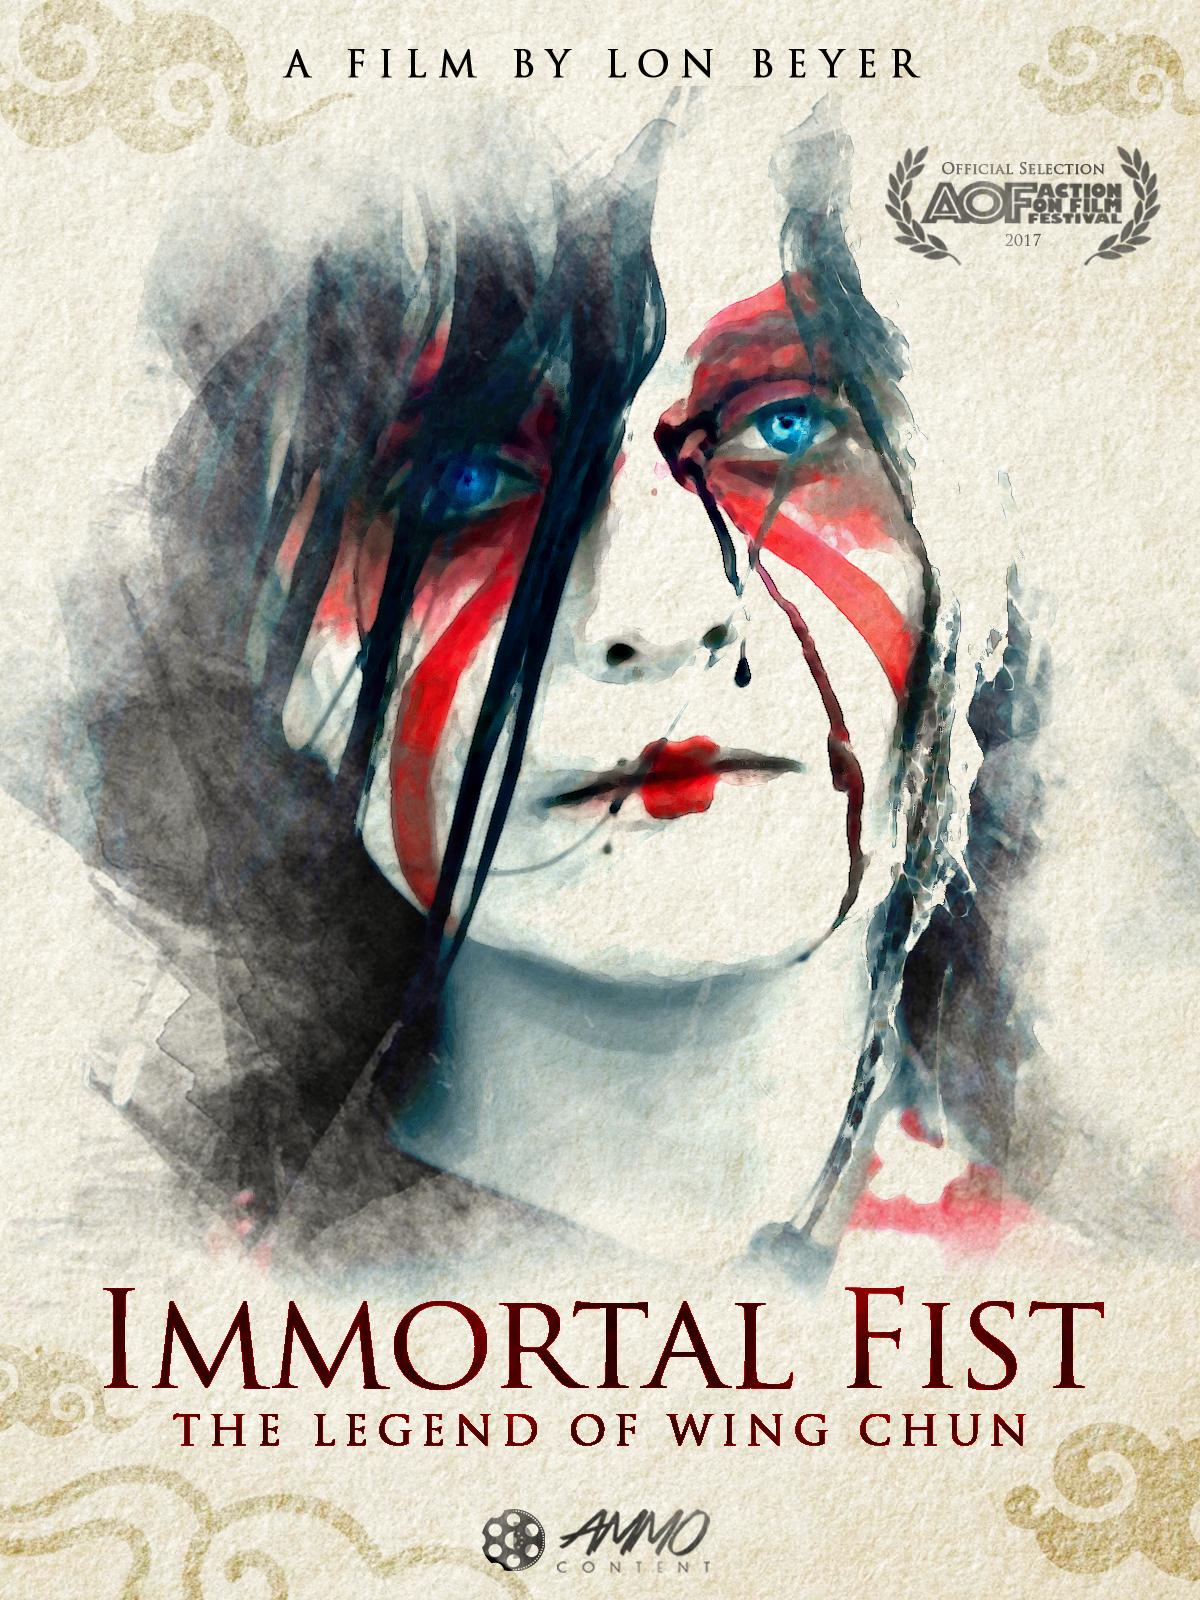 Immortal Fist